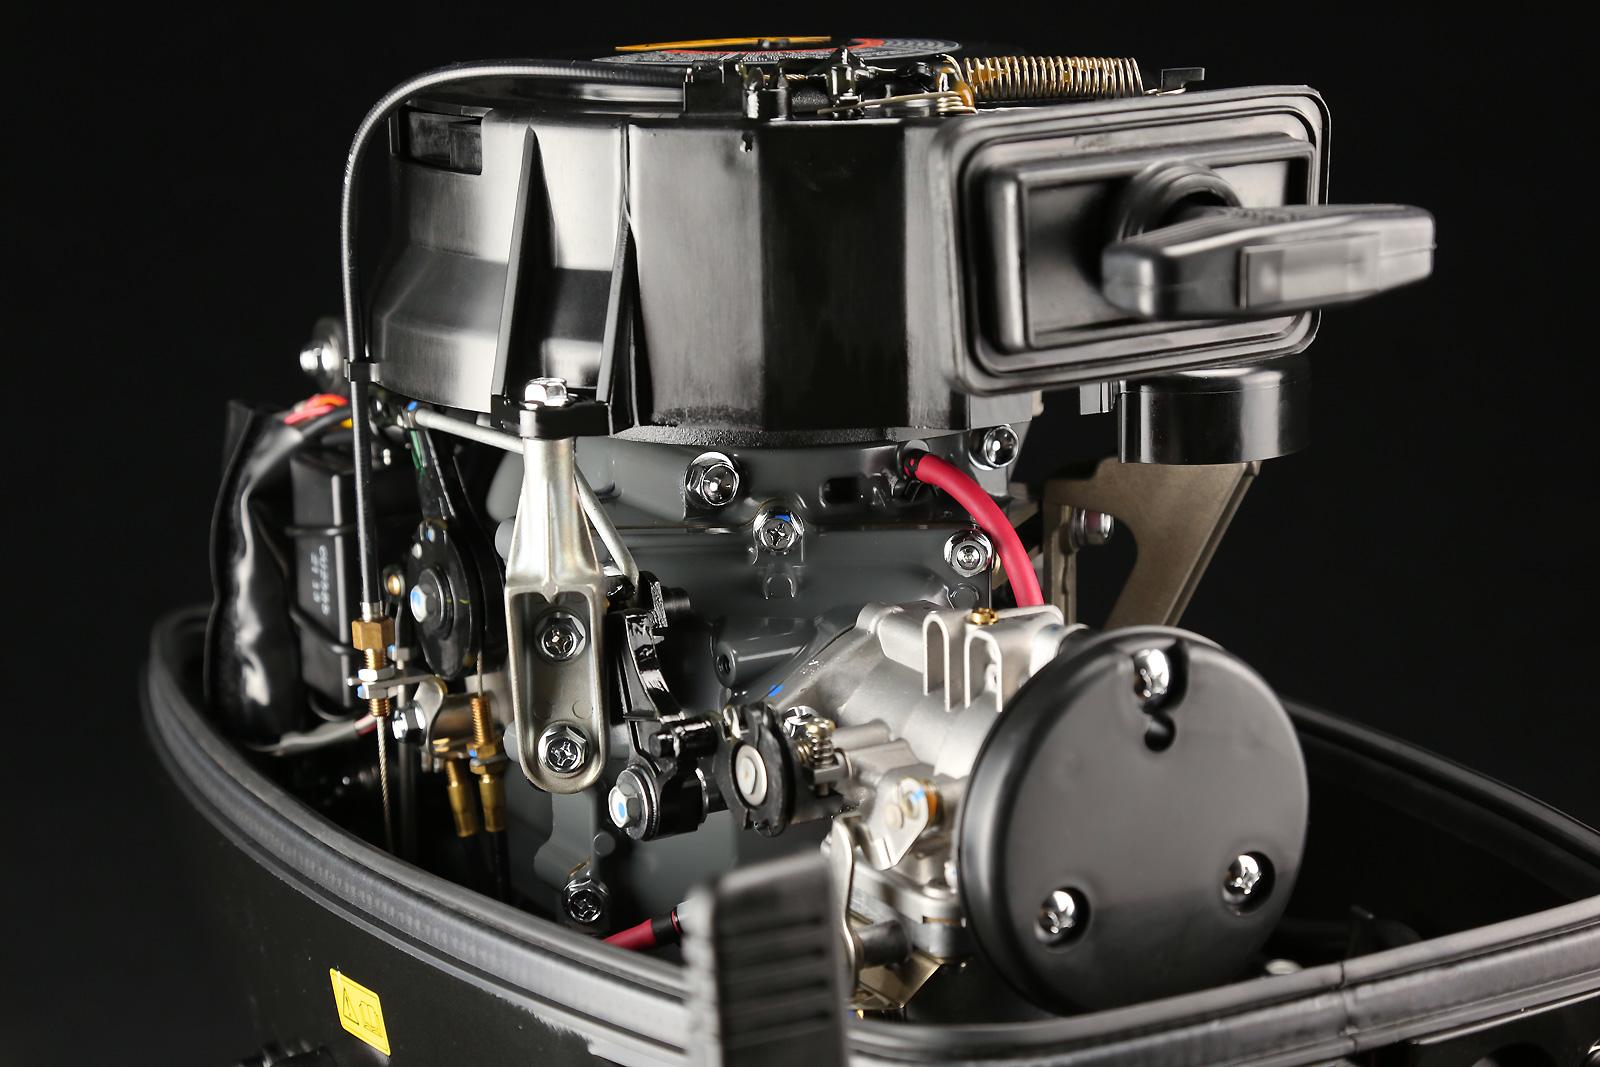 инструкция для 2-х тактного мотора suzuki